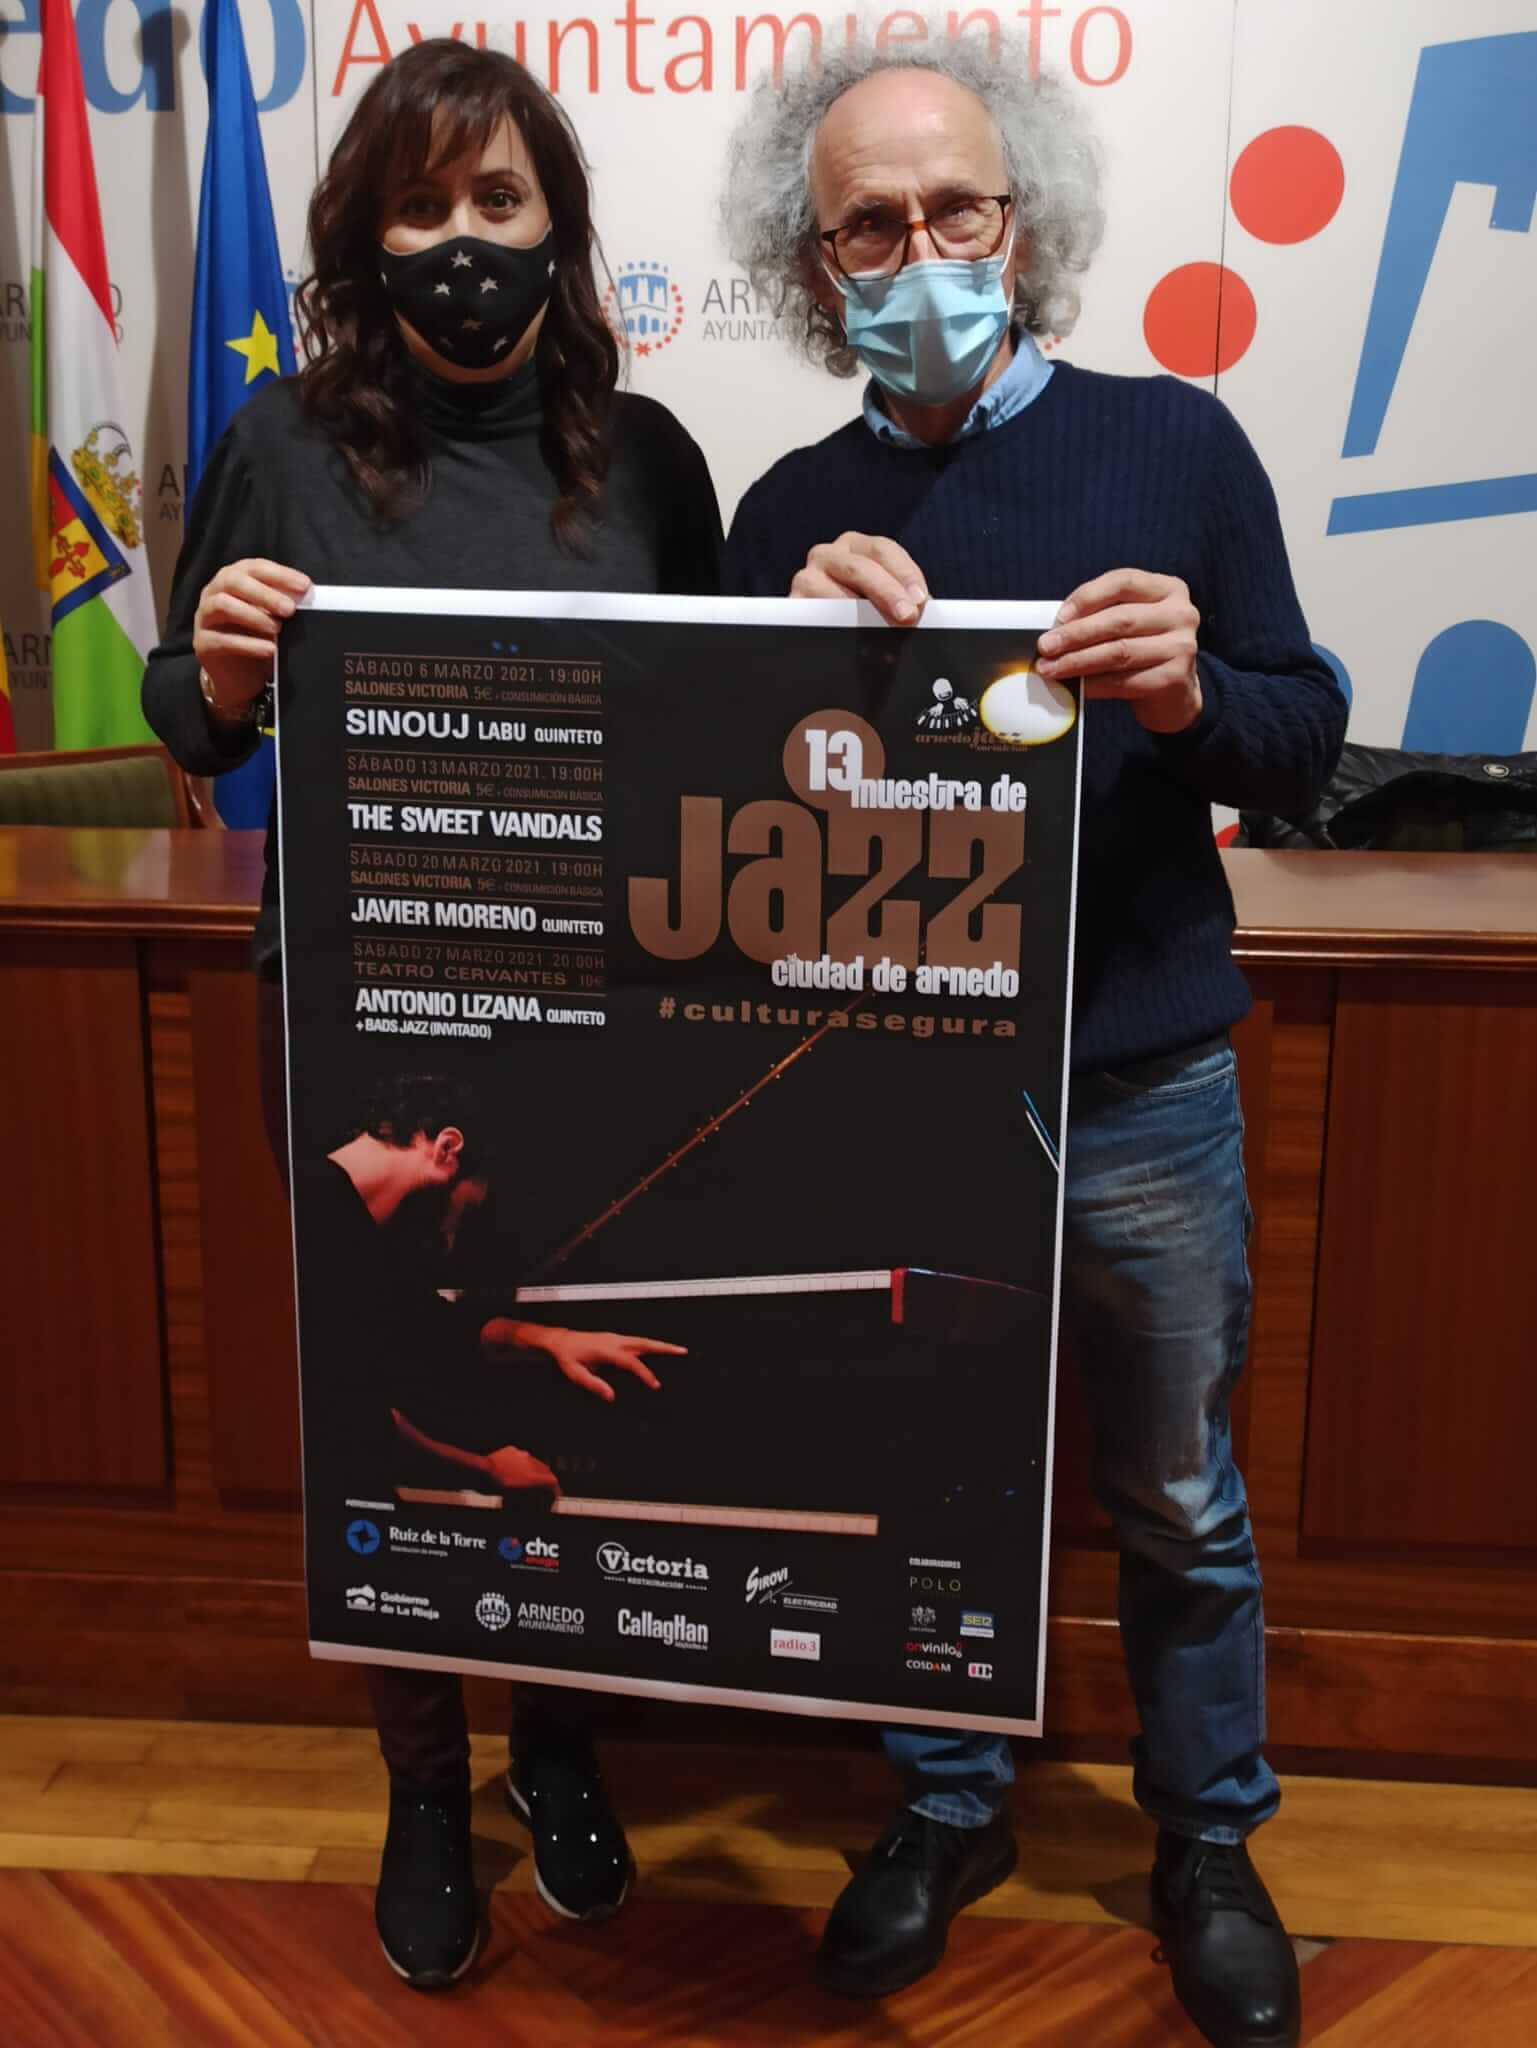 """La """"XIII Muestra de Jazz Ciudad de Arnedo"""" se celebrará los sábados de marzo con Sinouj Labu, The Sweet Vandals, Javier Moreno y Antonio Lizana"""